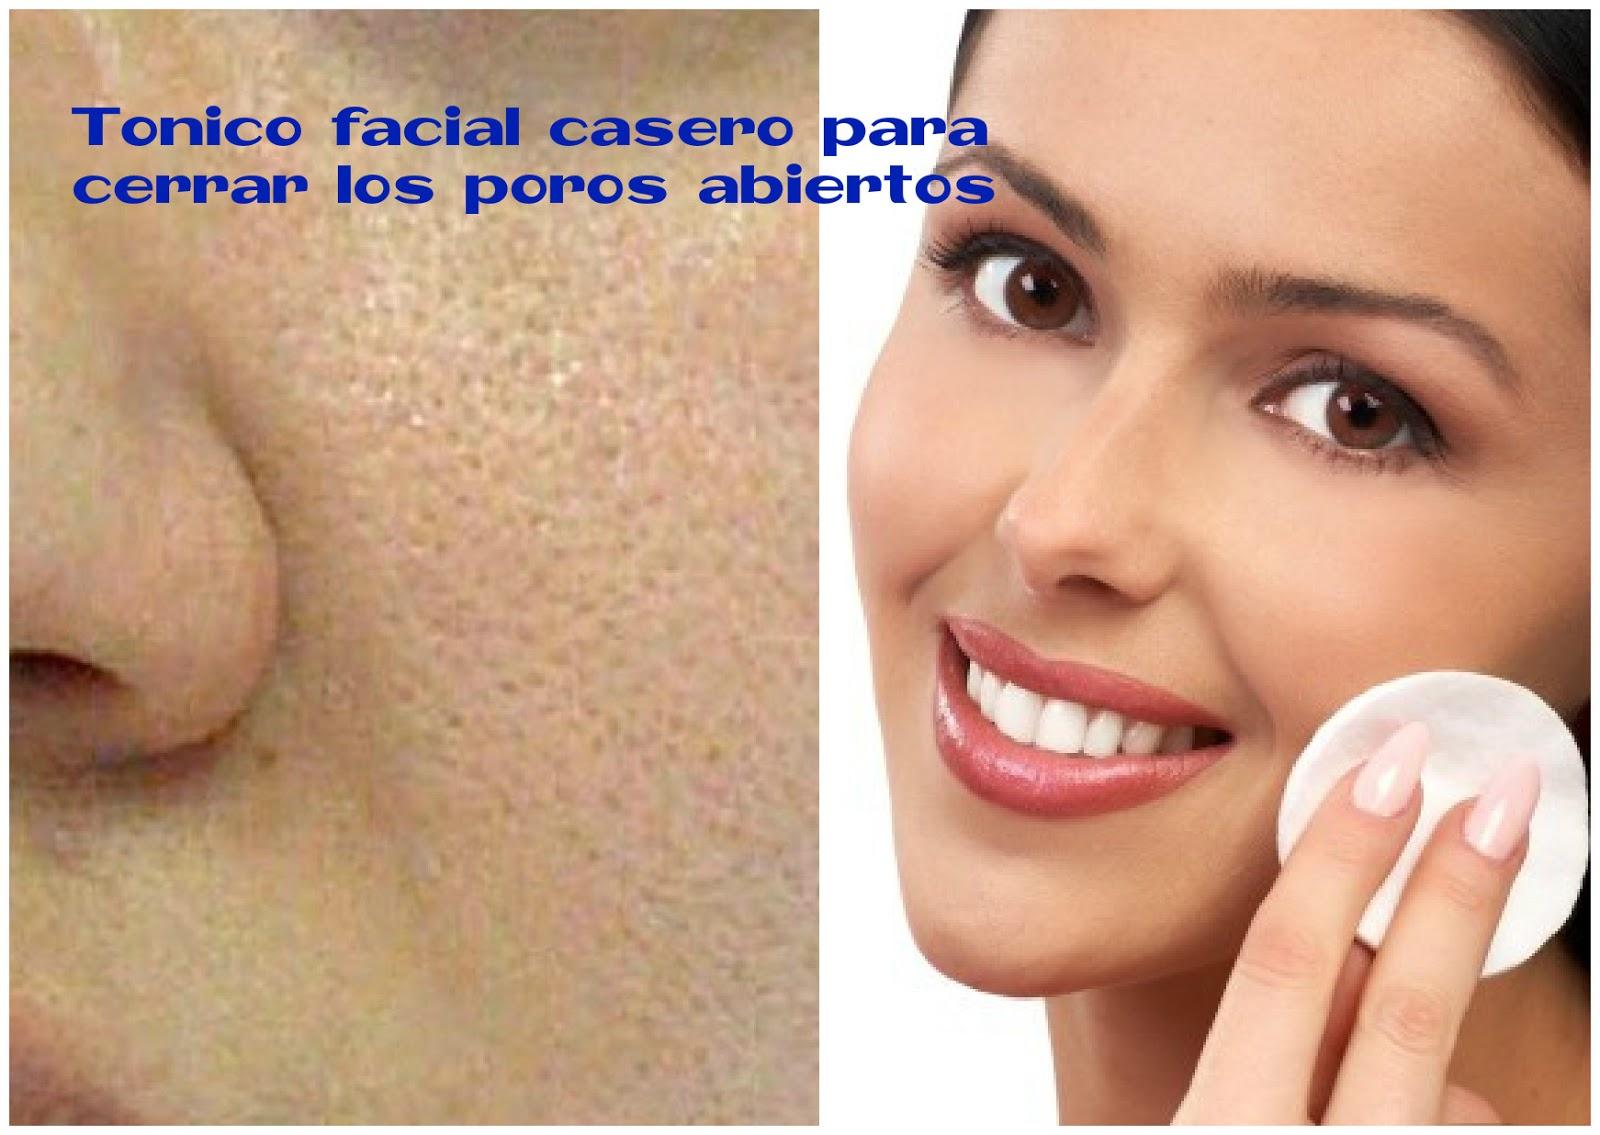 Cómo hacer tónico facial casero para cerrar poros abiertos